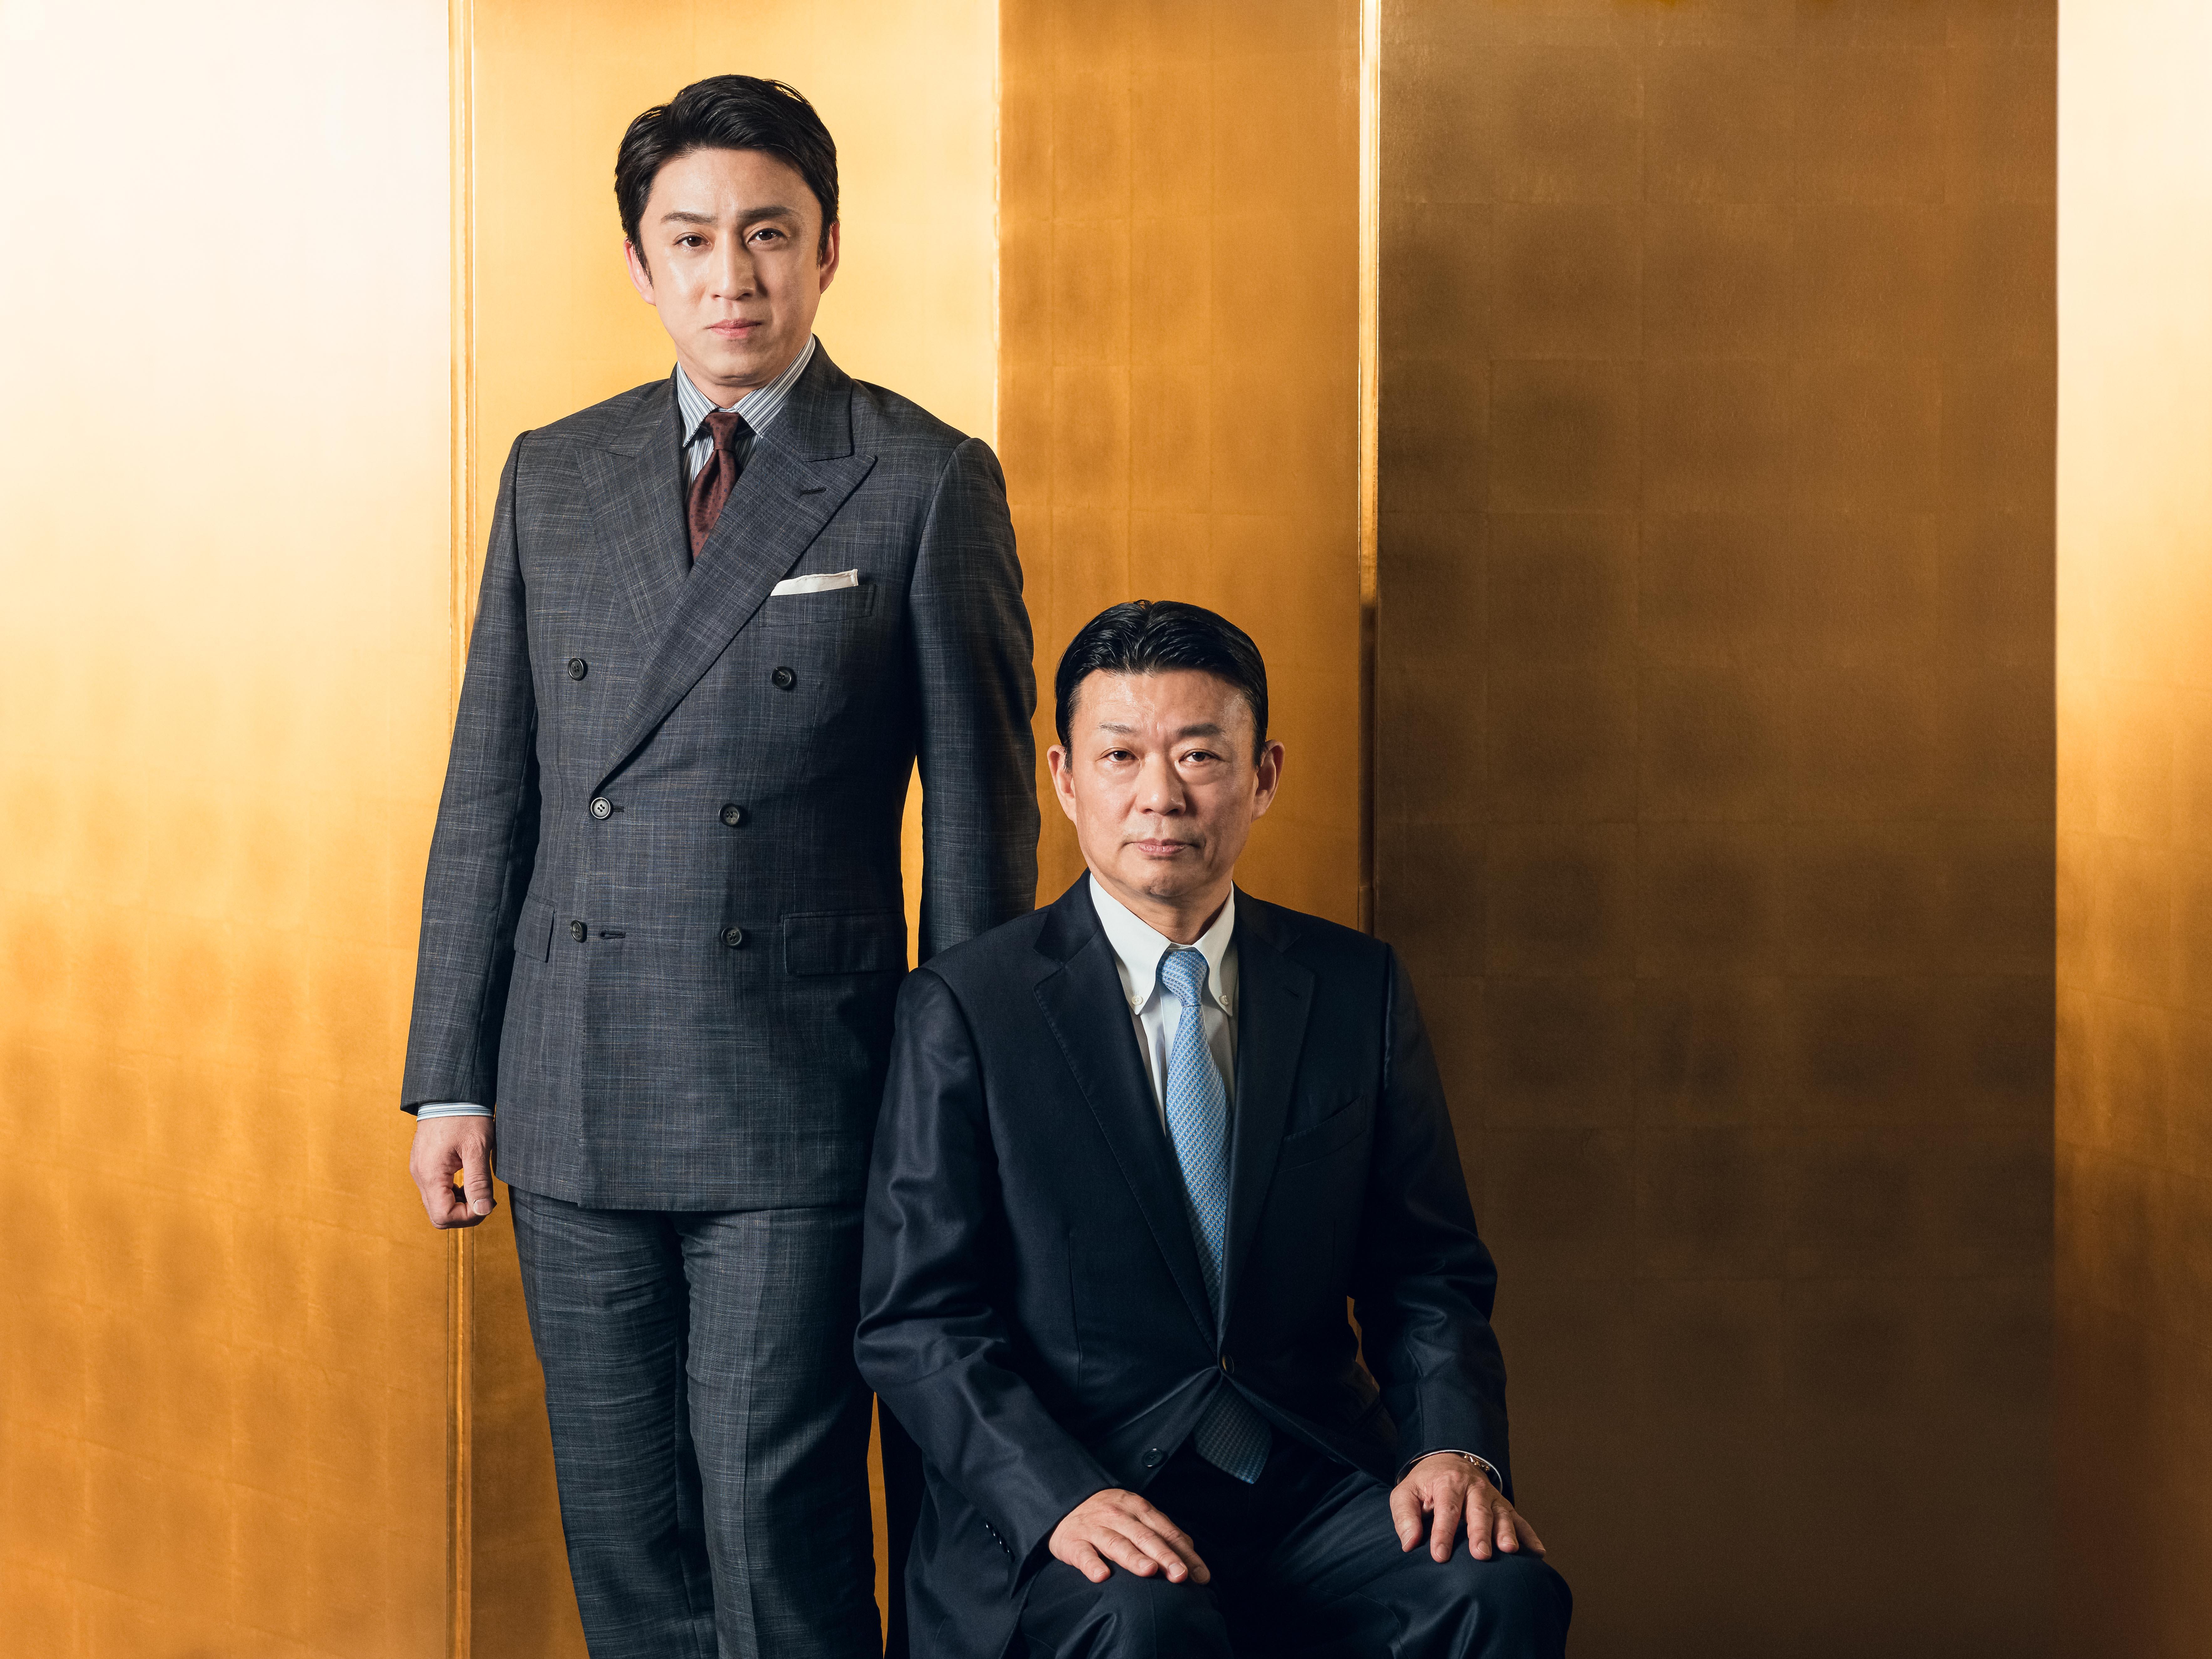 松本幸四郎 / 守本正宏(President)